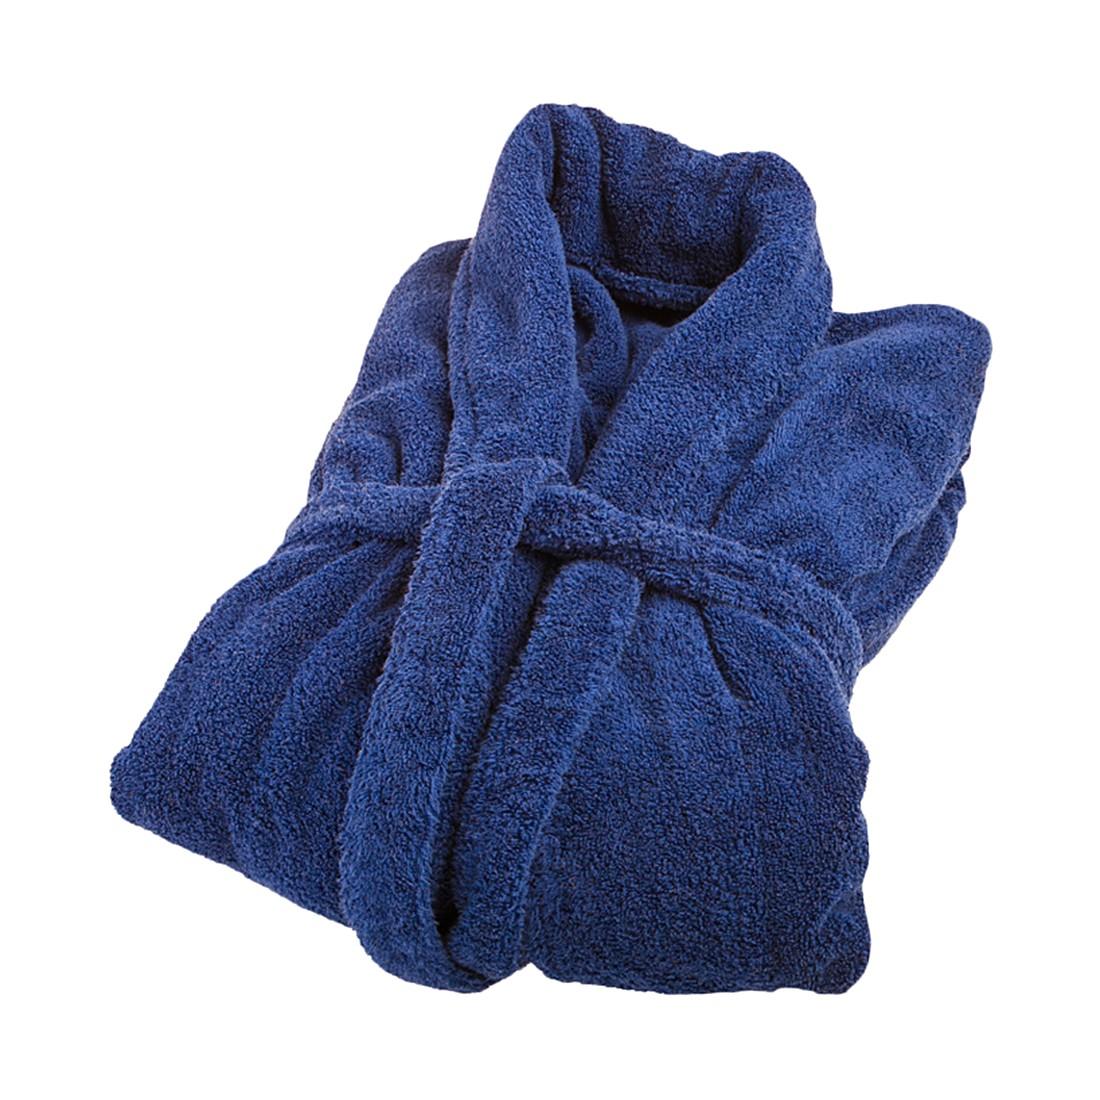 Bademantel FEEL – 100% Baumwolle – Royalblau – Größe: L, stilana jetzt kaufen